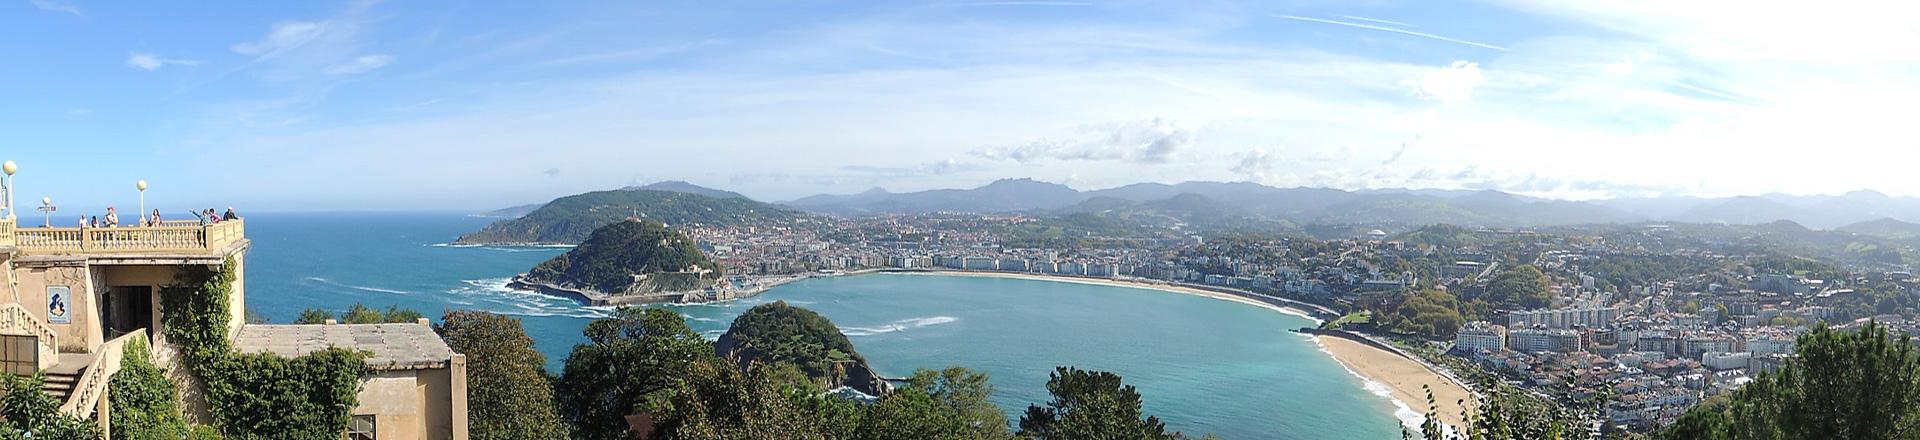 Uitzicht over baai San Sebastian vanaf Monte Igeldo